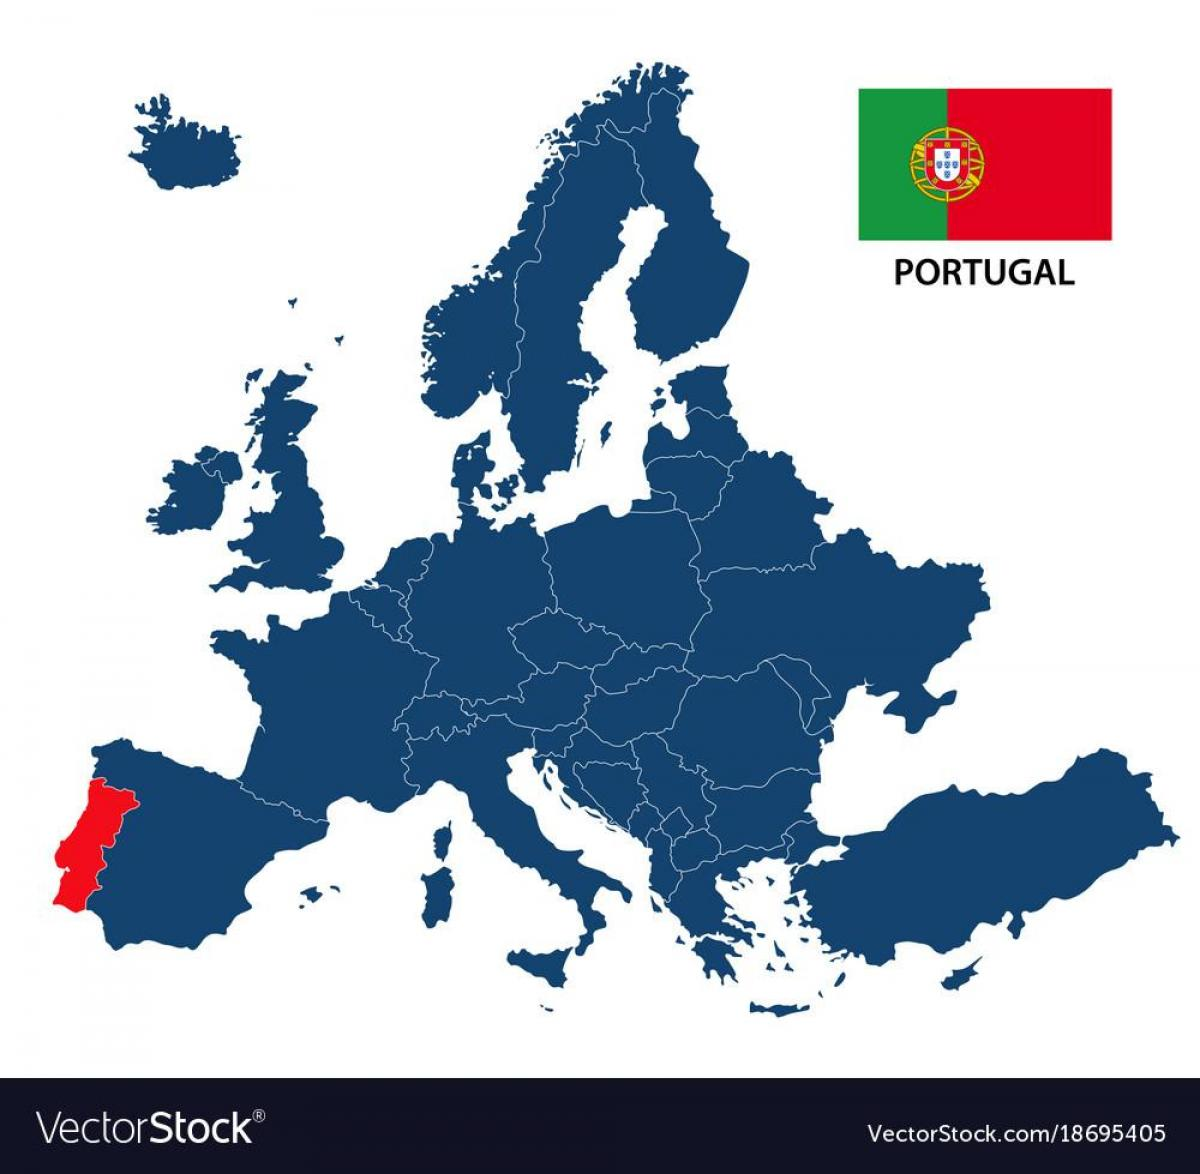 europa kart Europa kart Portugal   Kart over Portugal i Europa (Sør Europa  europa kart